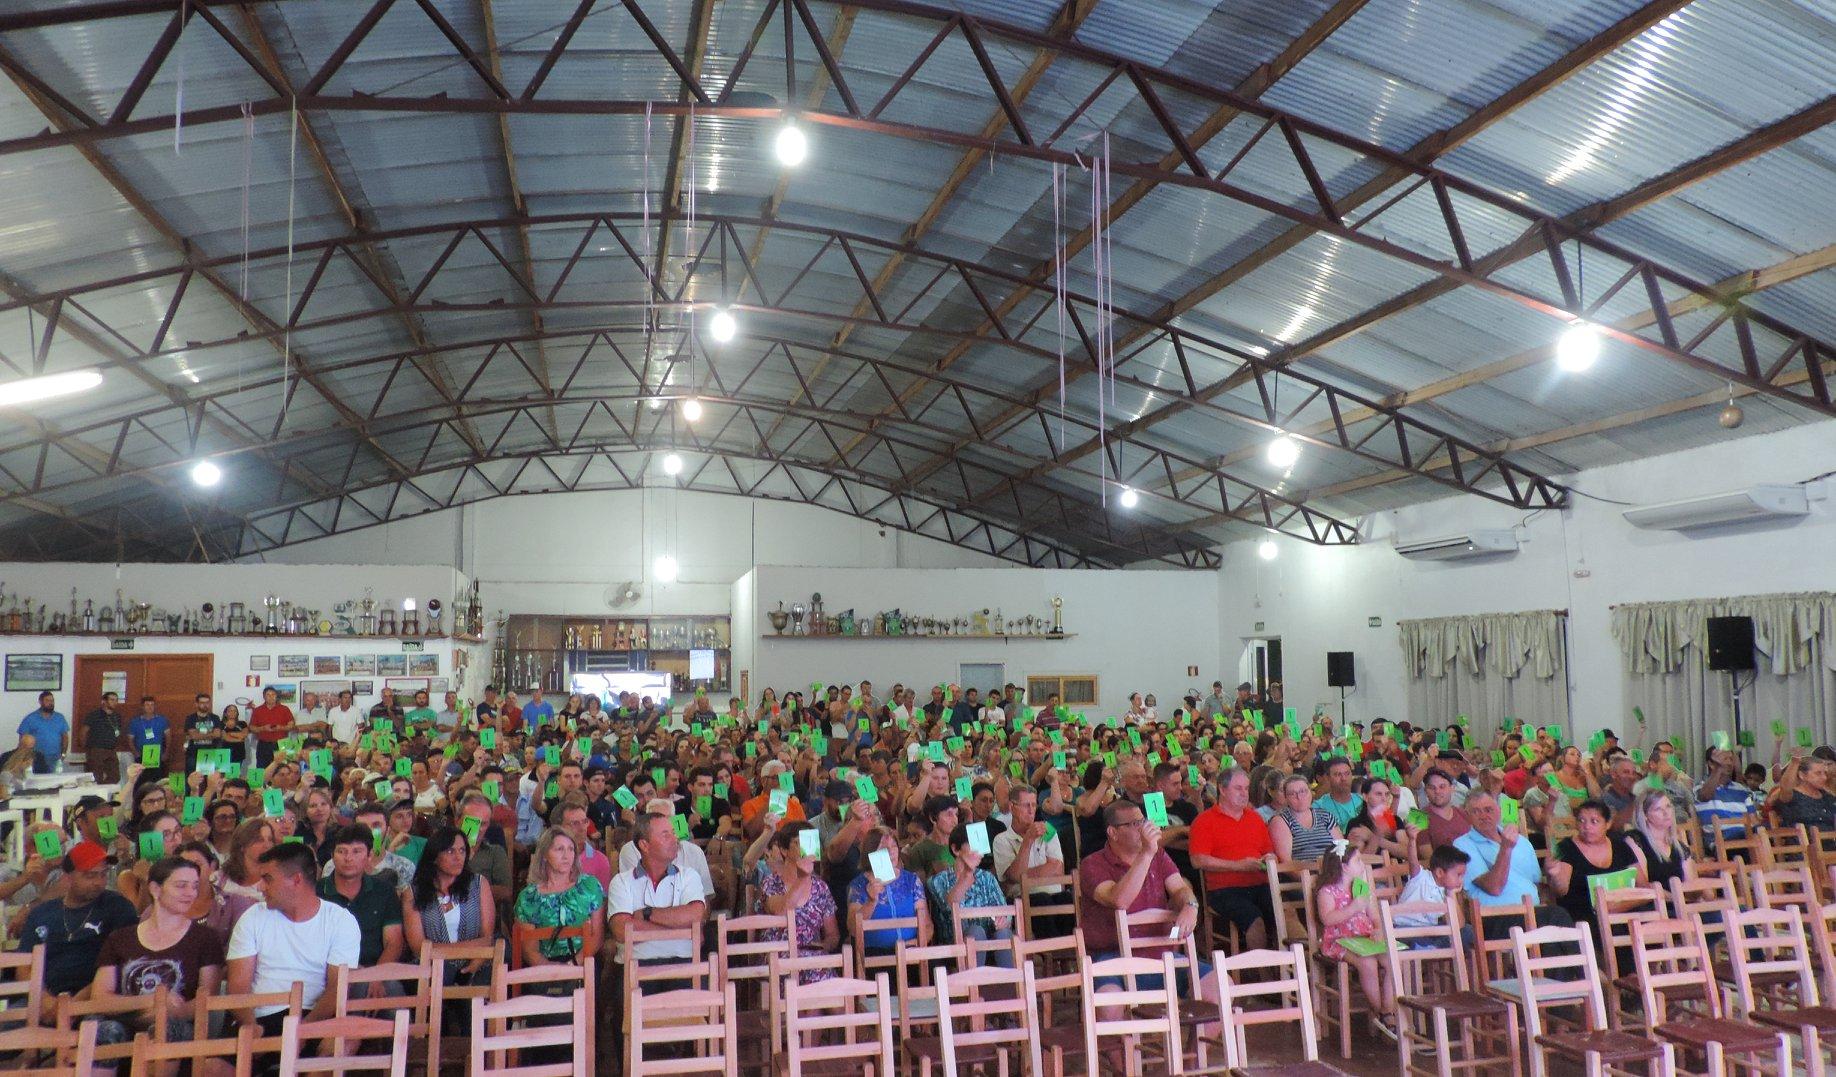 Realizadas últimas assembleias de núcleo da Sicredi Espumoso em Alto Alegre